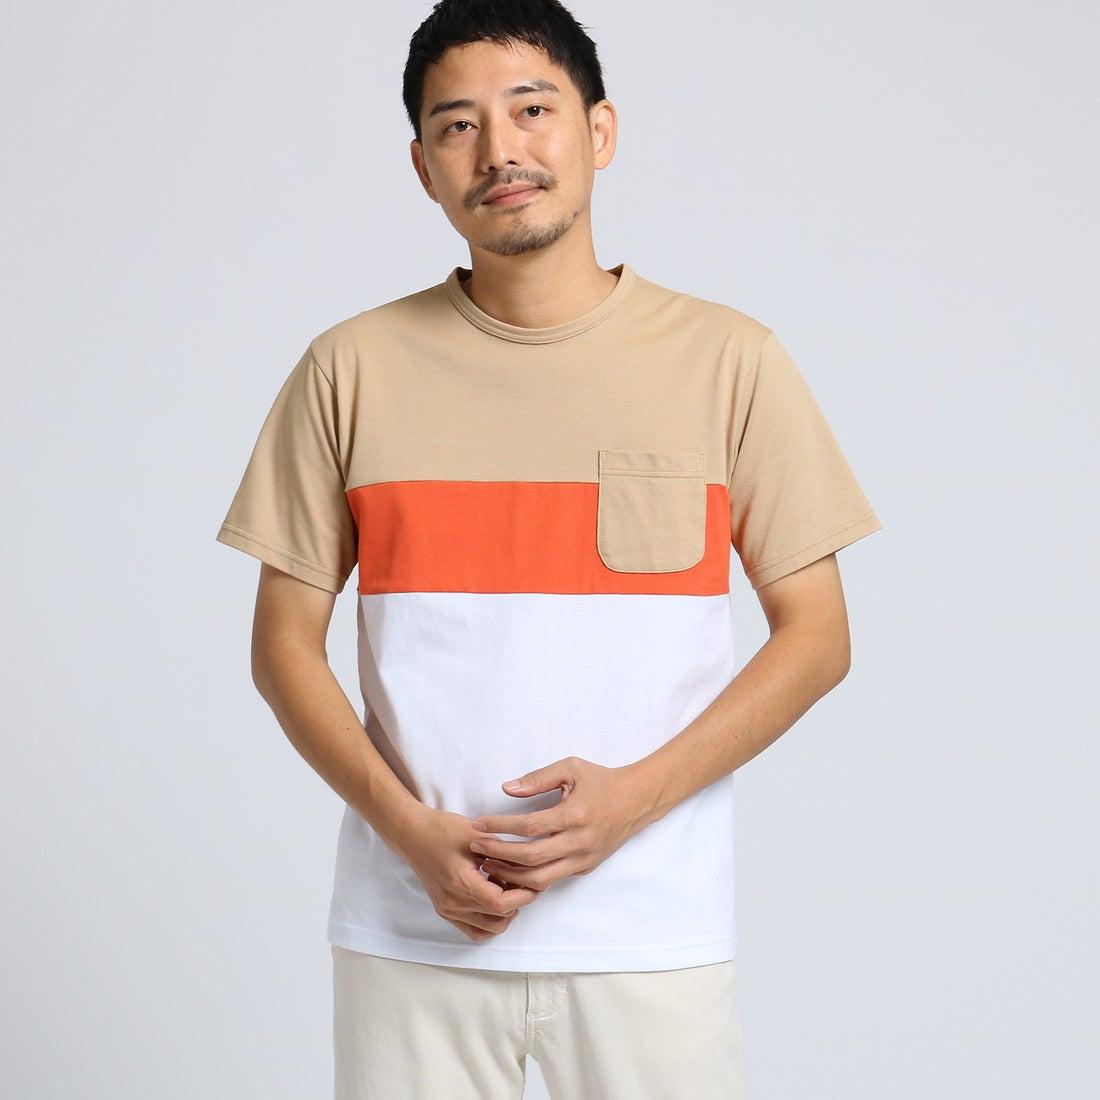 【SALE 40%OFF】タケオ キクチ TAKEO KIKUCHI カラー切替 ボーダー Tシャツ[ メンズ Tシャツ クールマックス ] (ベージュ)